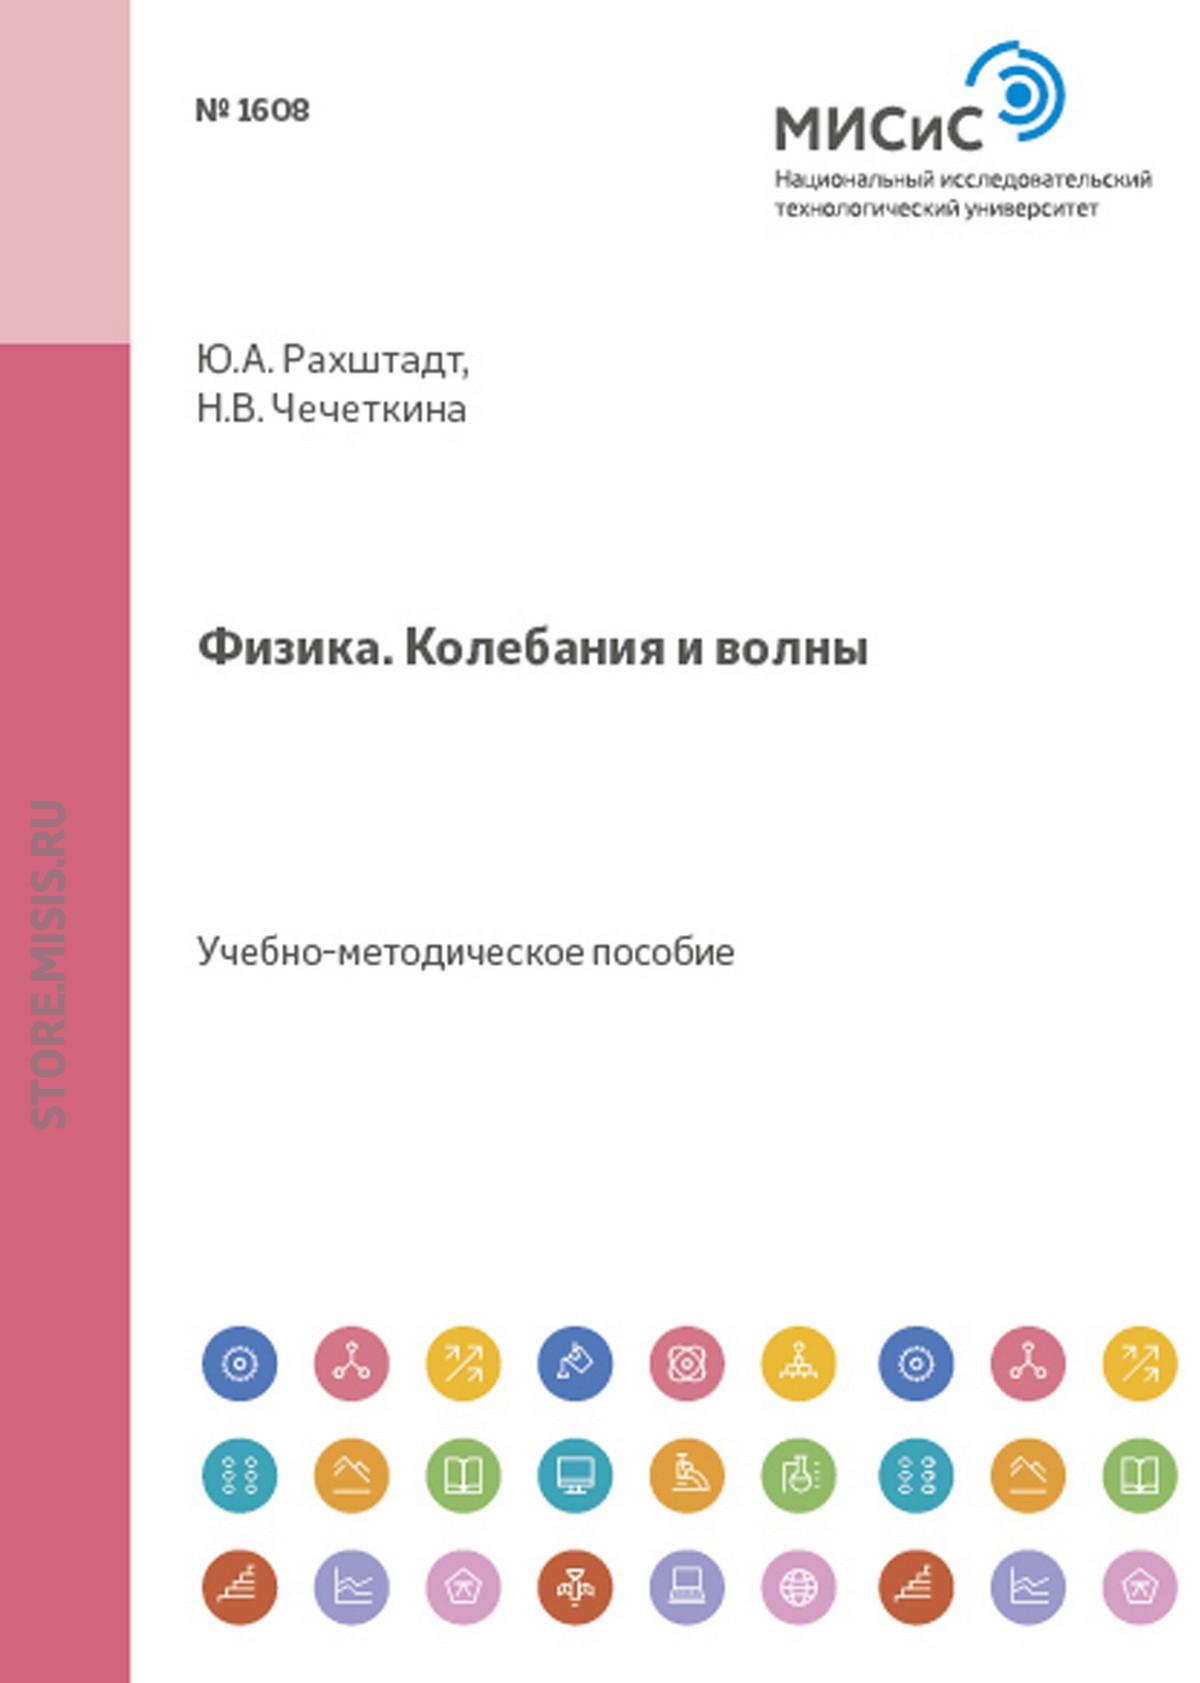 Юрий Рахштадт Физика. Колебания и волны